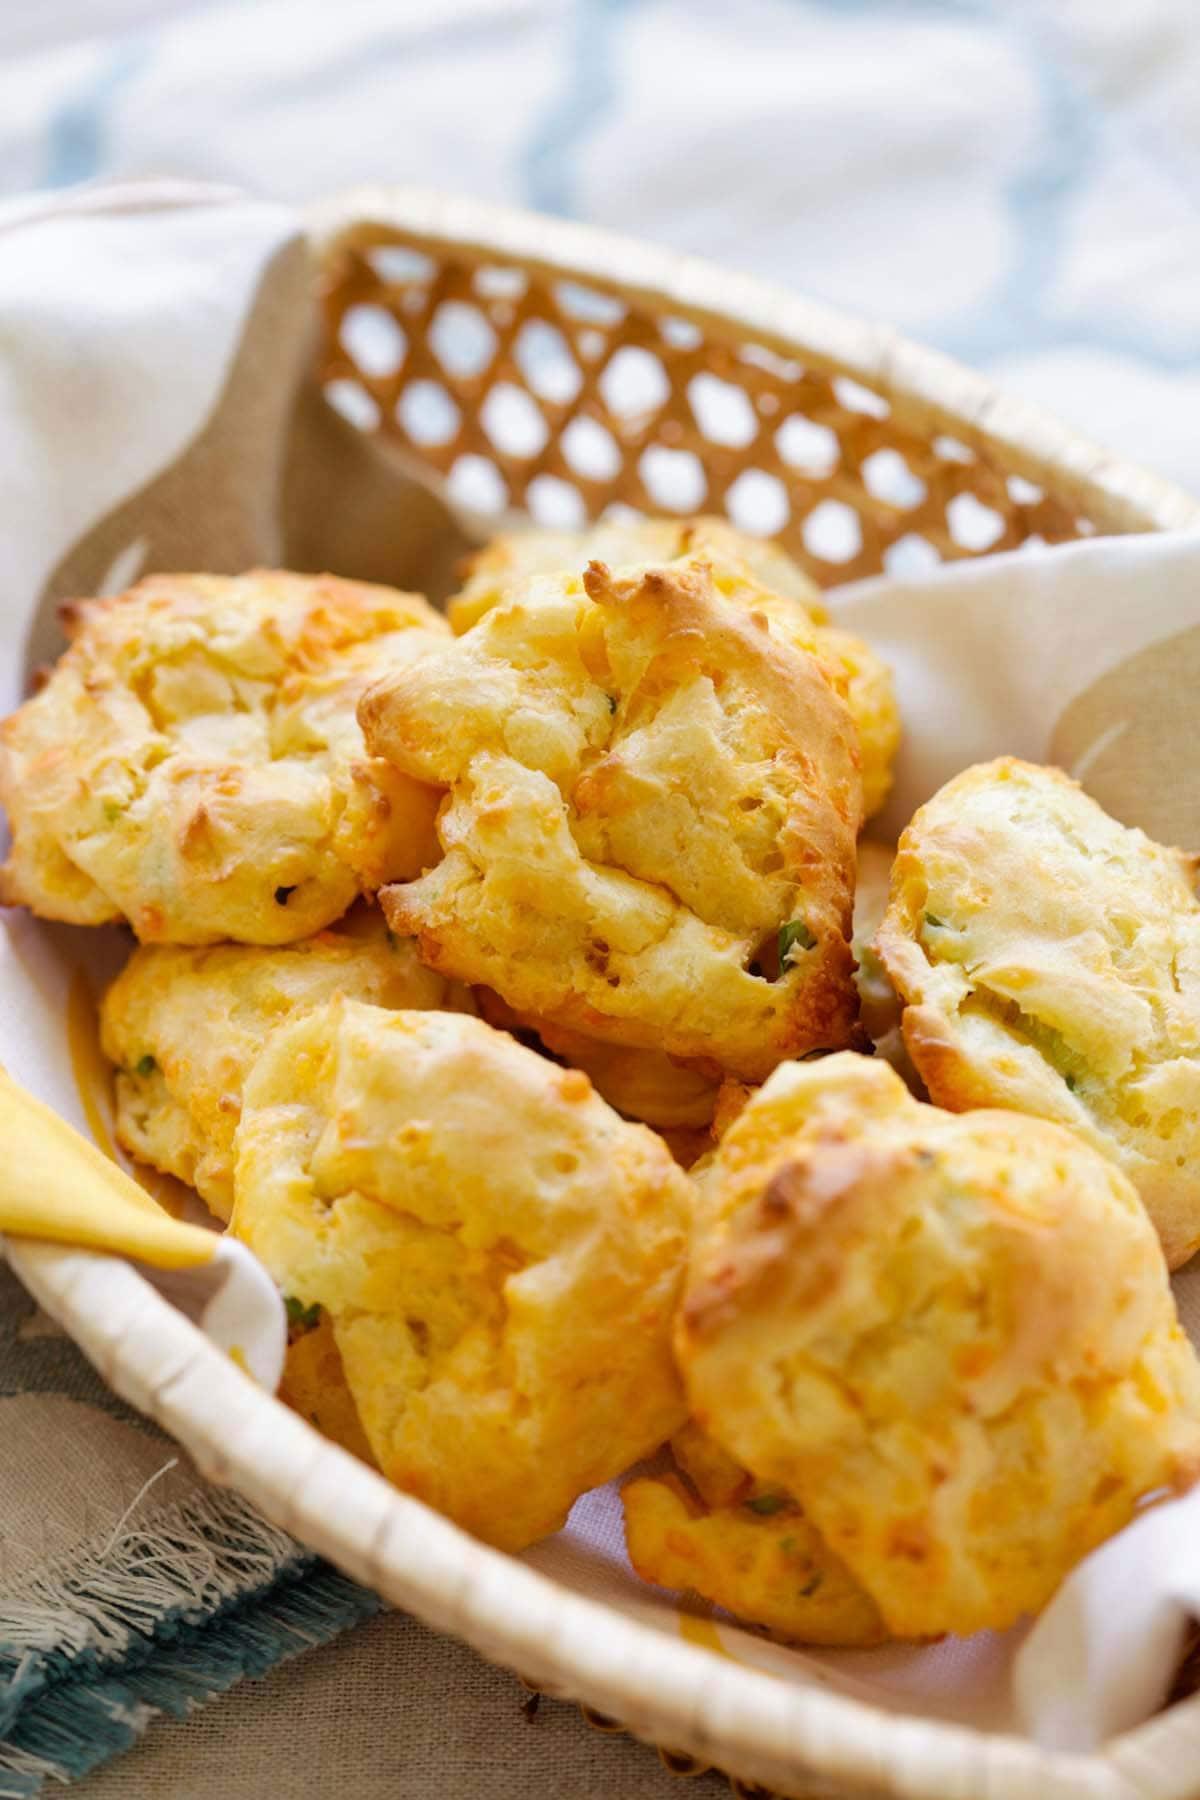 Pâte feuilletée française maison facile et délicieuse à base de fromage cheddar et d'oignons verts hachés servie dans un panier.